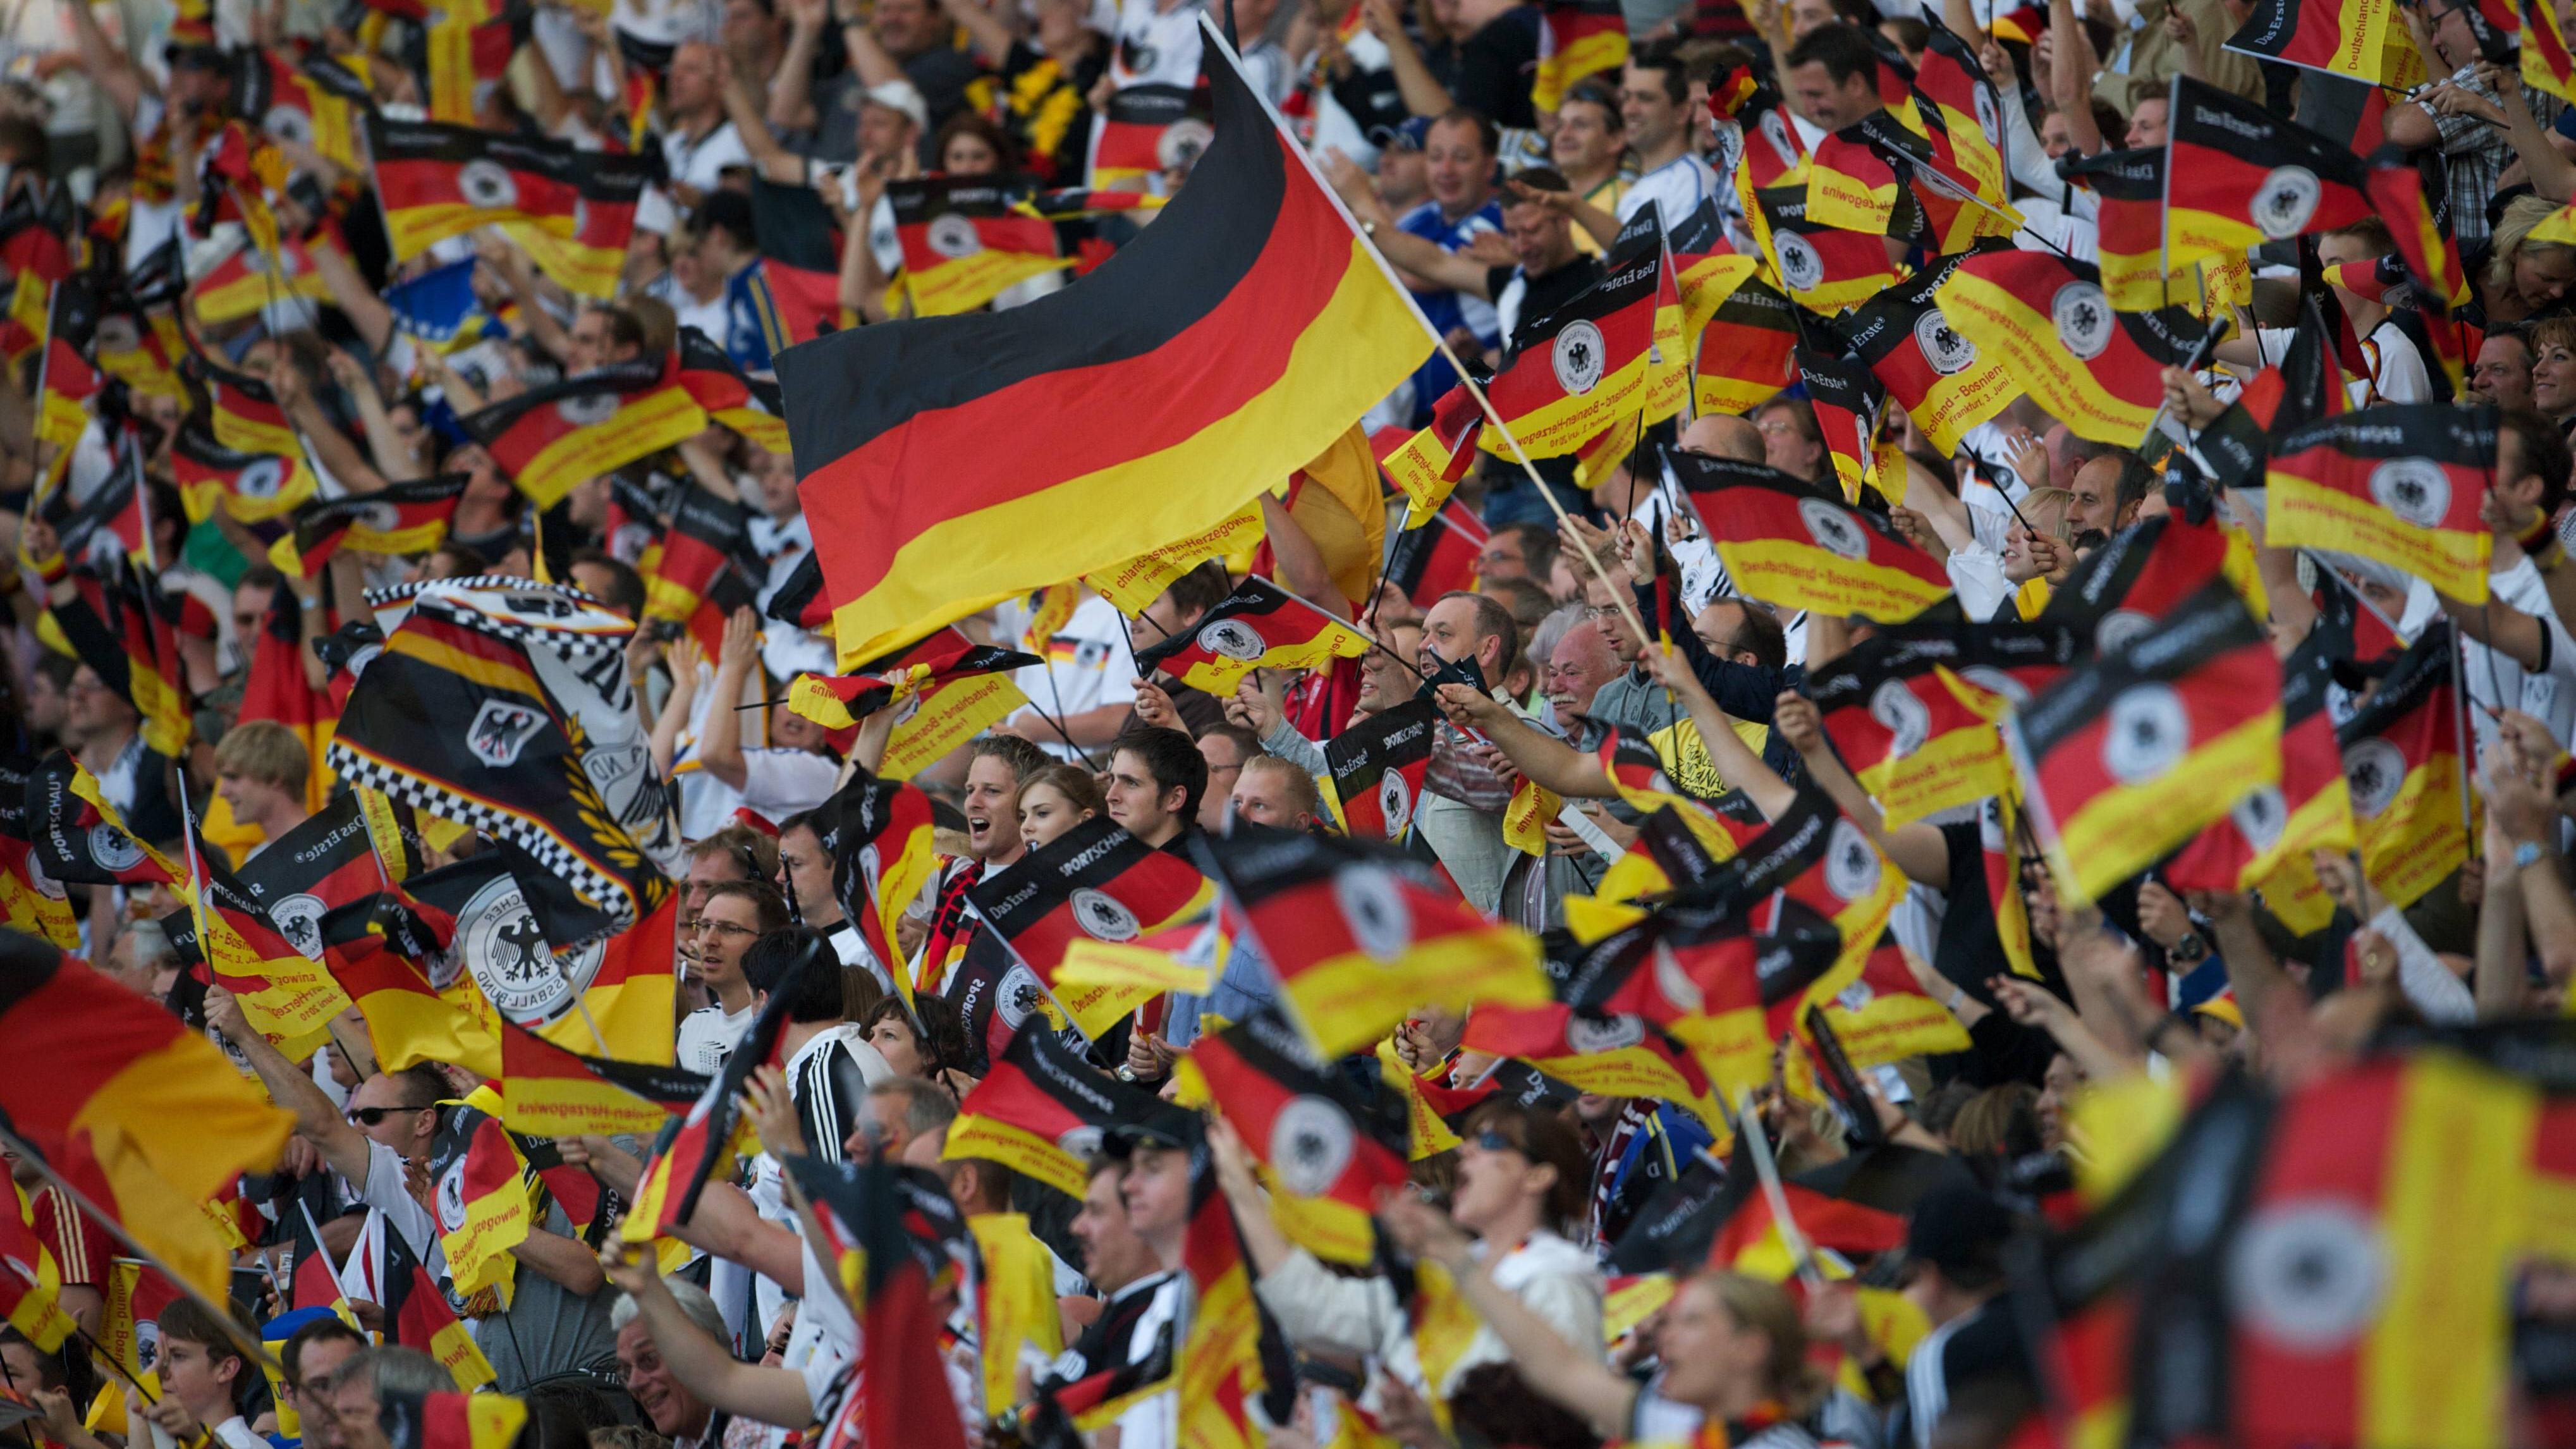 """Als Deutschland die Europameisterschaft gewann, war der Song """"We're in this together"""" die offizielle Hymne."""